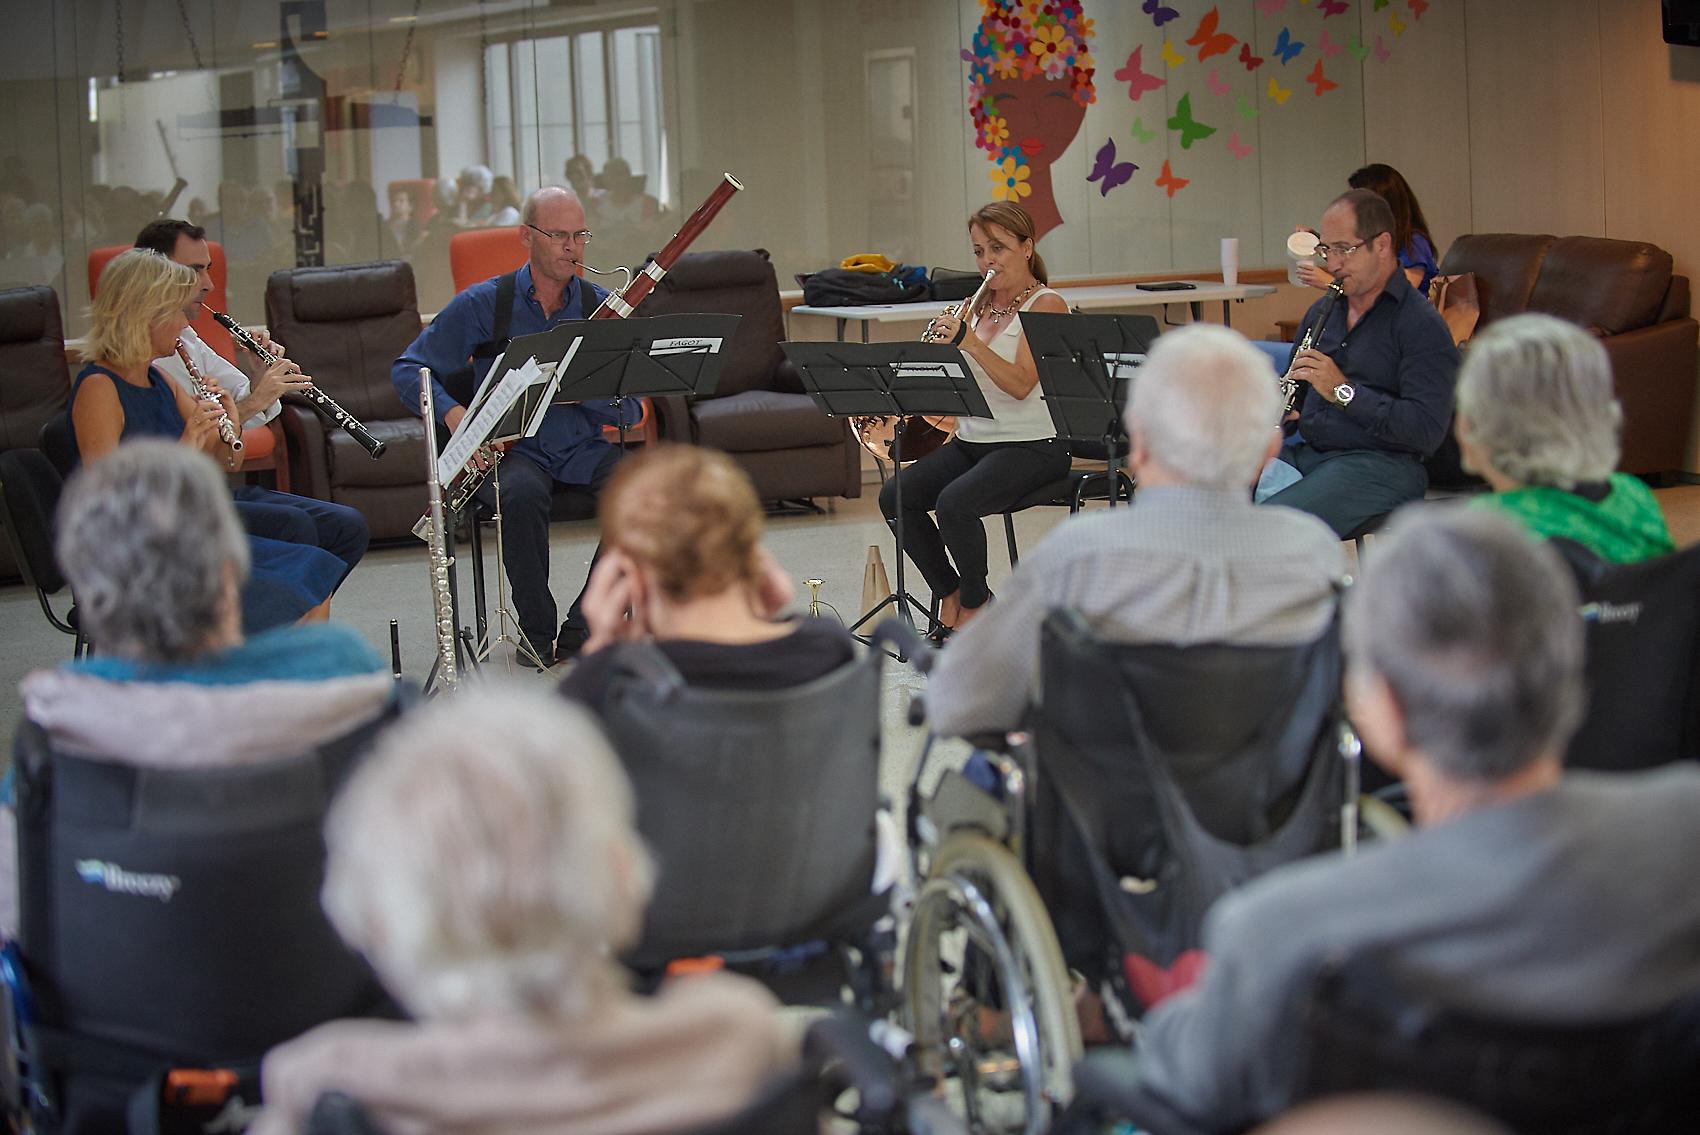 La Sinfónica de Tenerife ofrece un concierto en el Centro Penitenciario Tenerife II